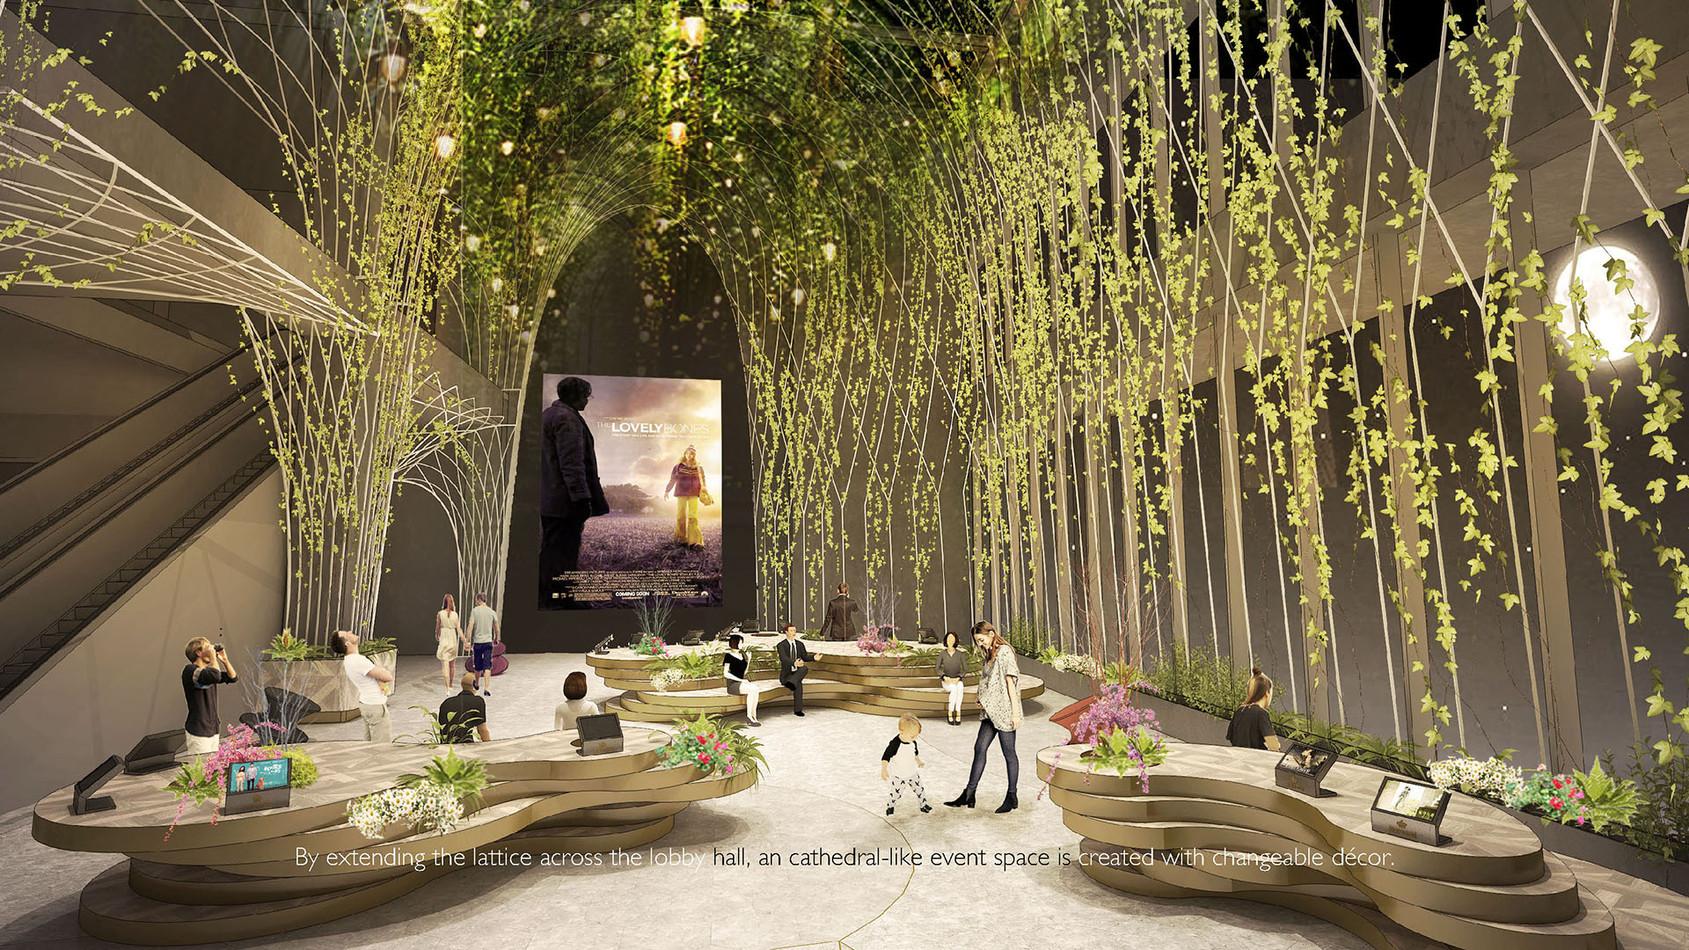 CHONGQING-EMPEROR-CINEMA-EN 14.jpg